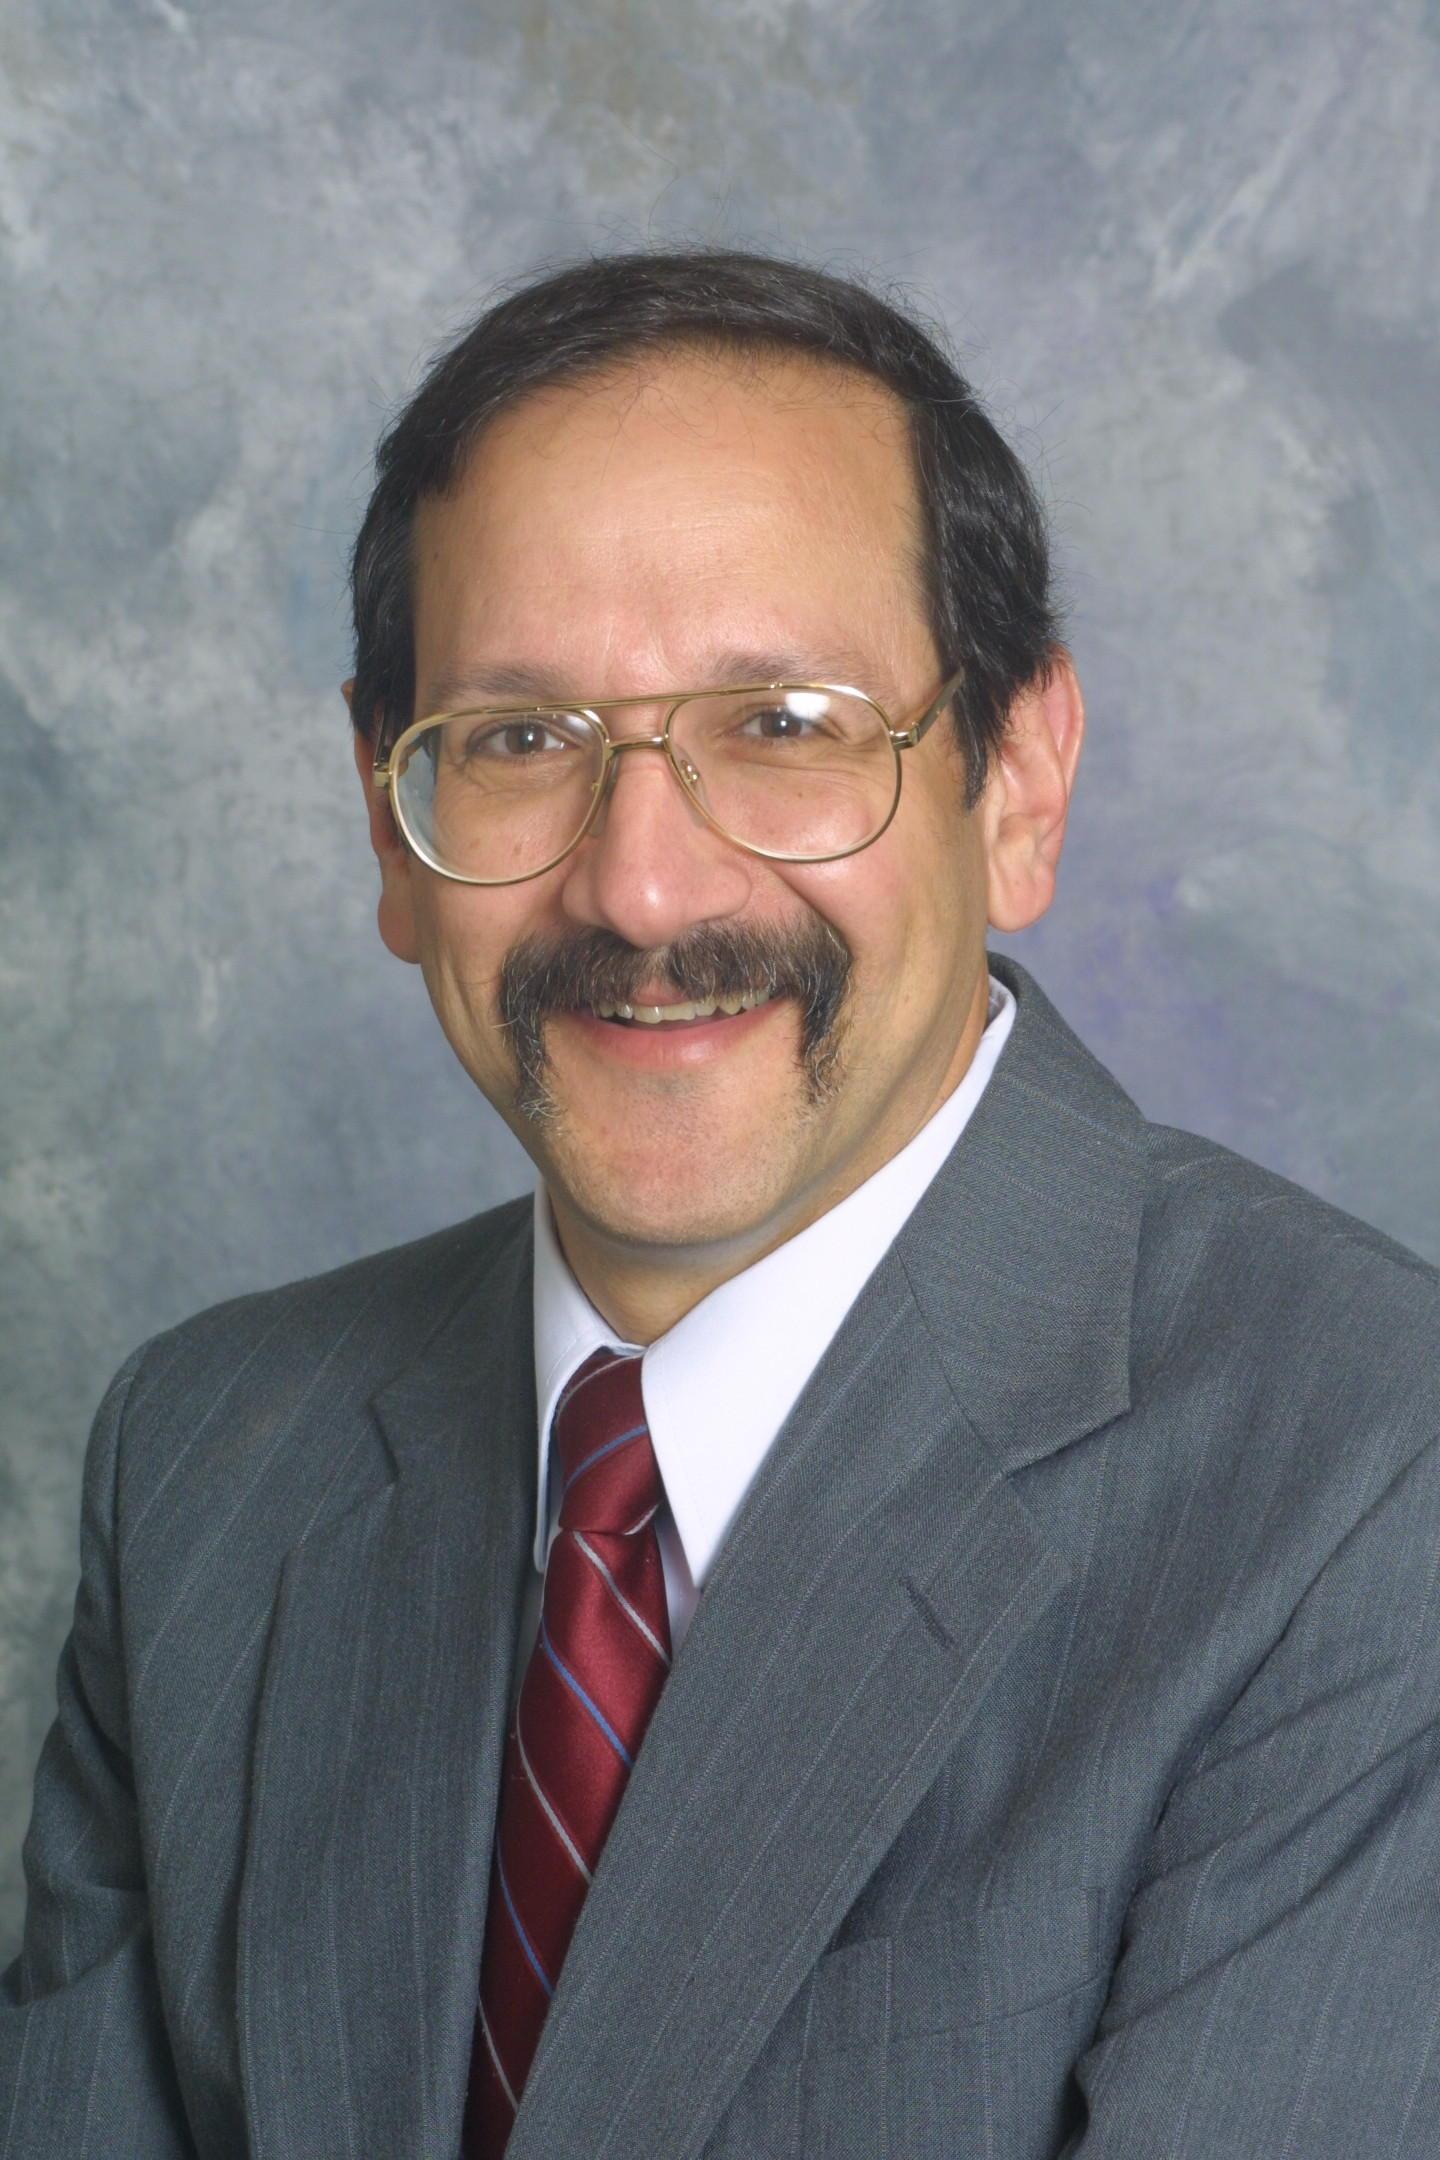 Michael Erdil MD, FACOEM